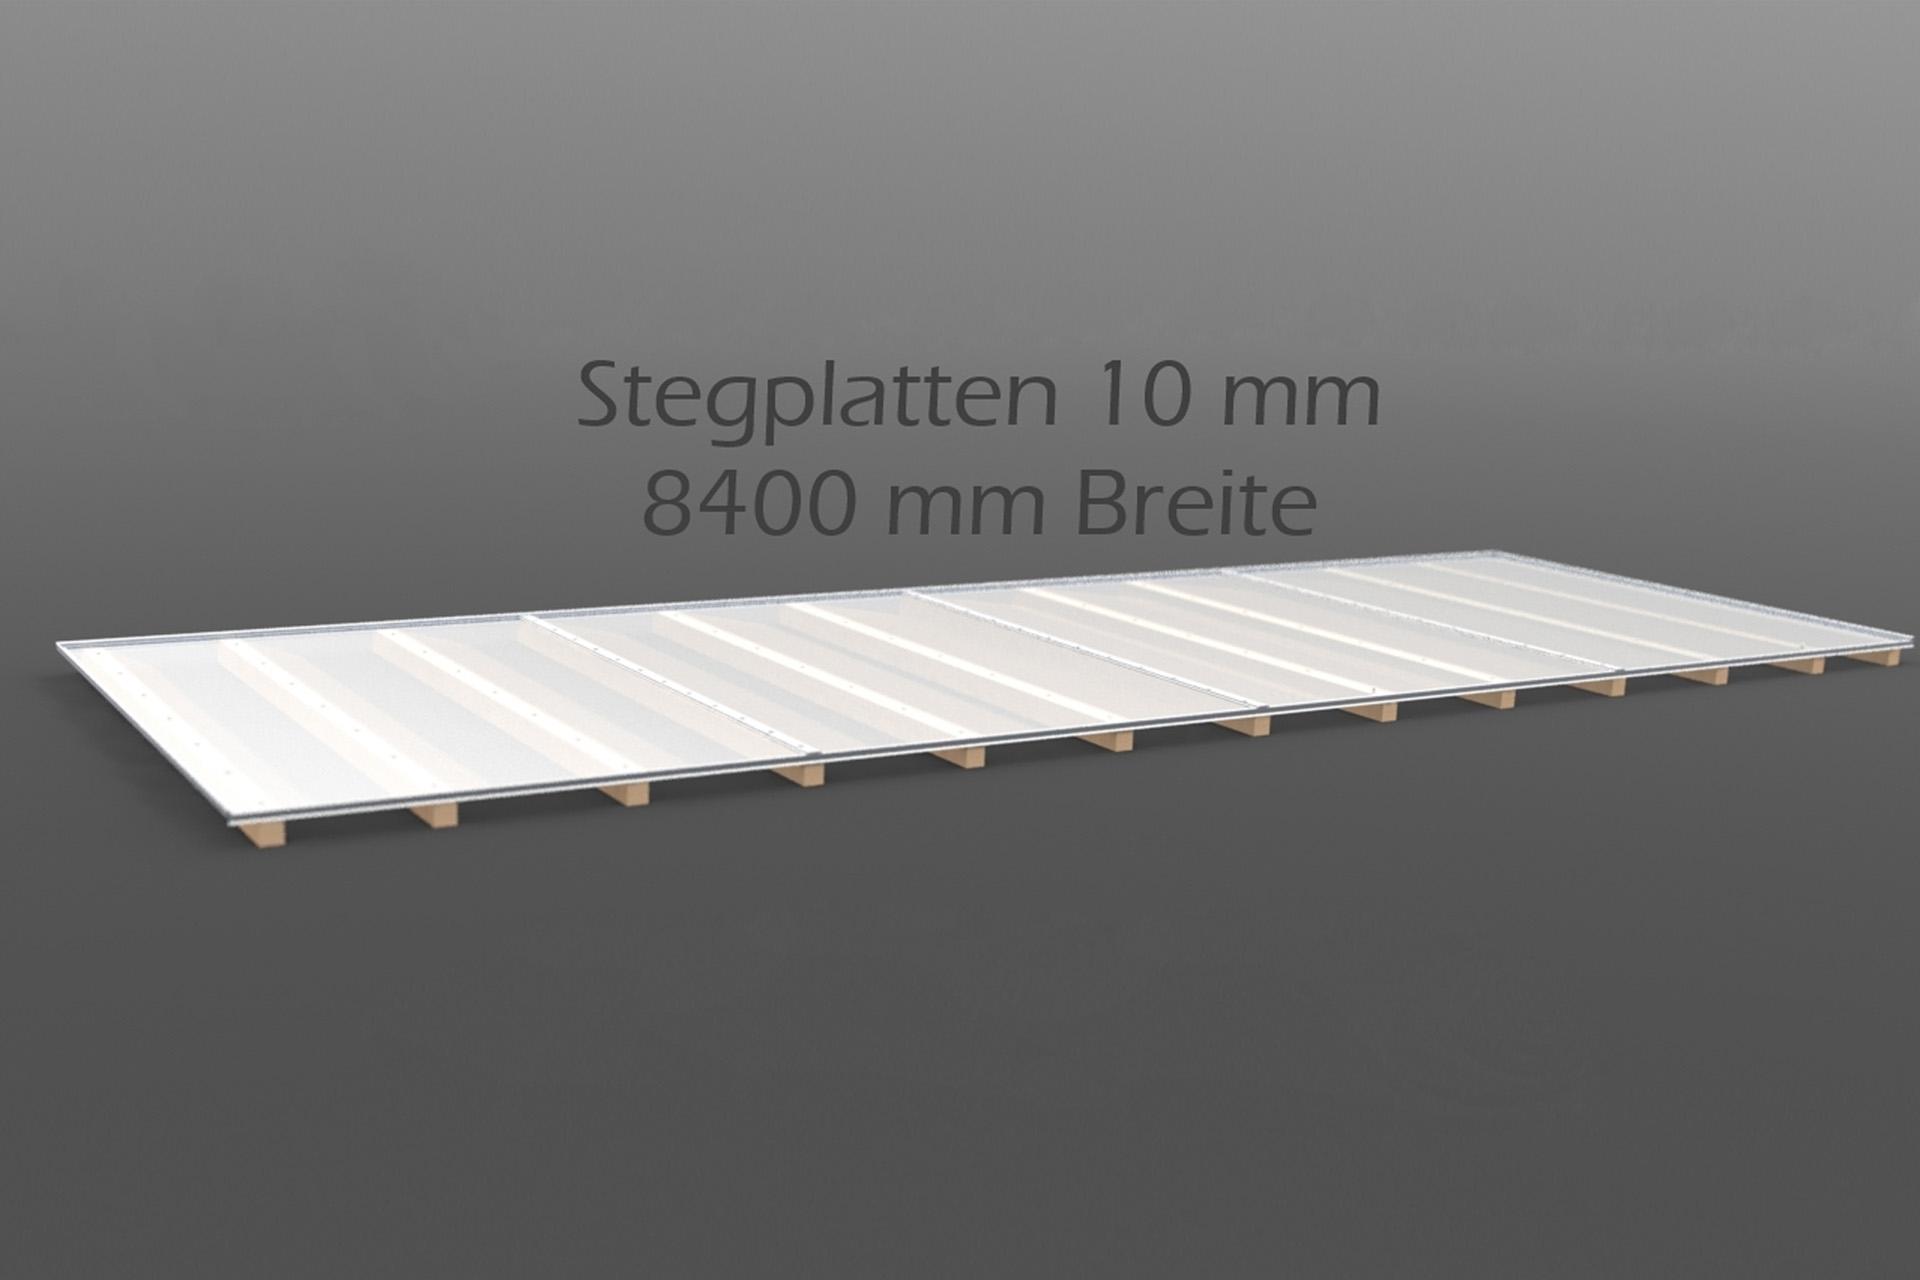 Dachhaut Stegplatten 10 mm in 8400 mm Breite